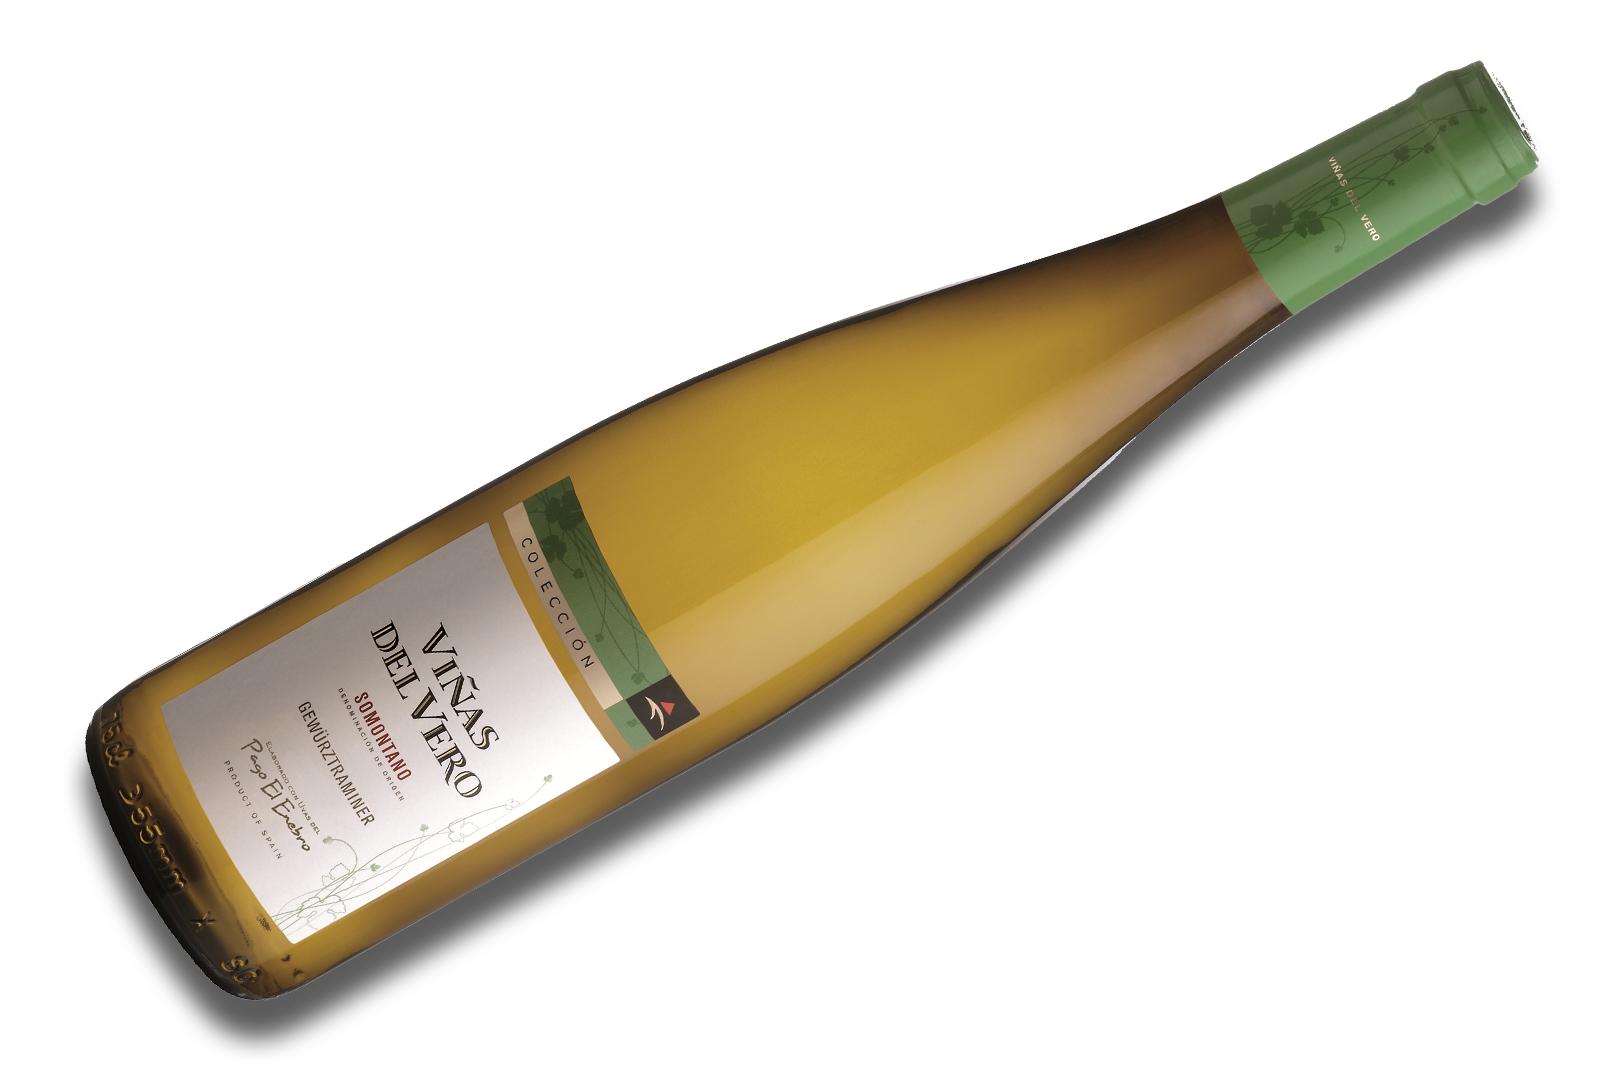 Viñas del Vero Gewürztraminer Colección es Baco de Oro.